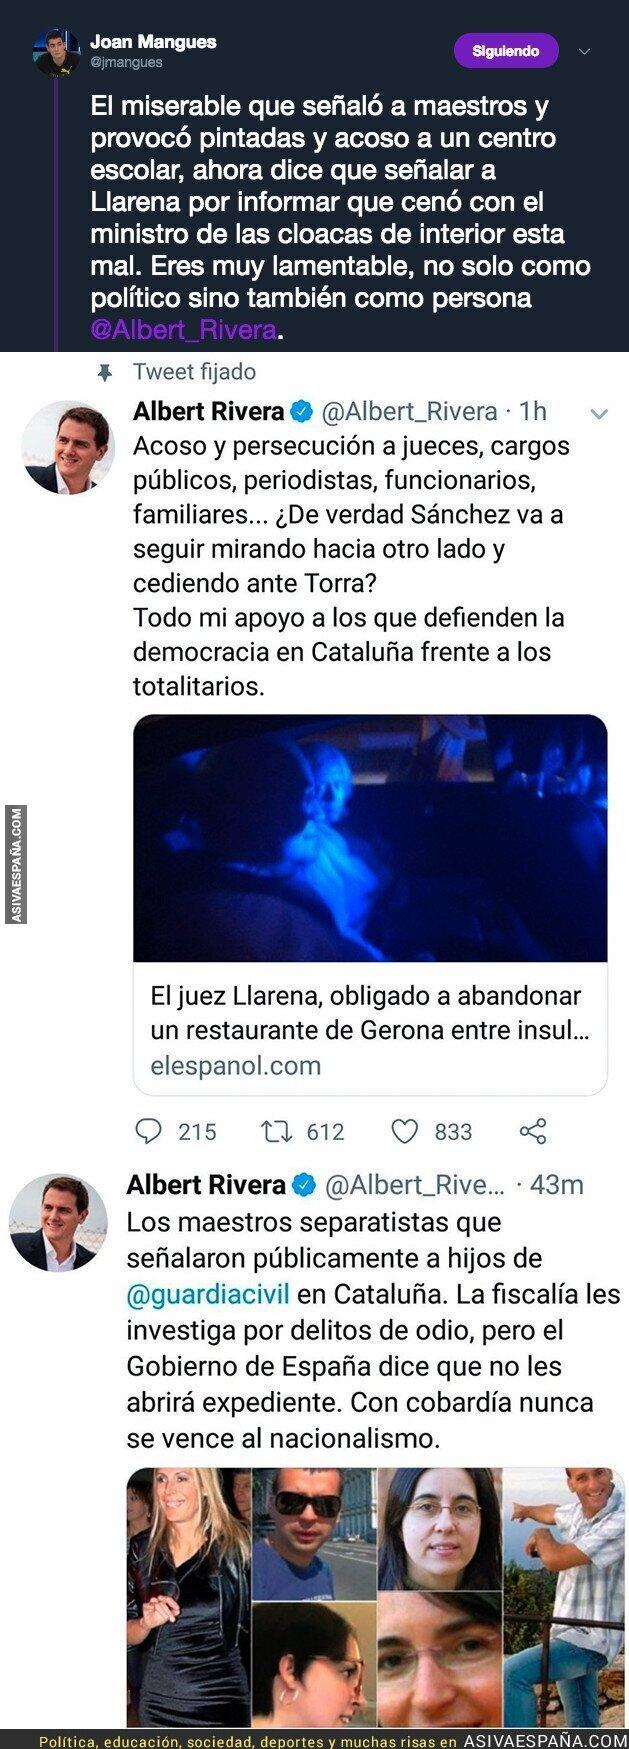 90238 - Albert Rivera y su doble rasero a la hora de señalar cargos públicos